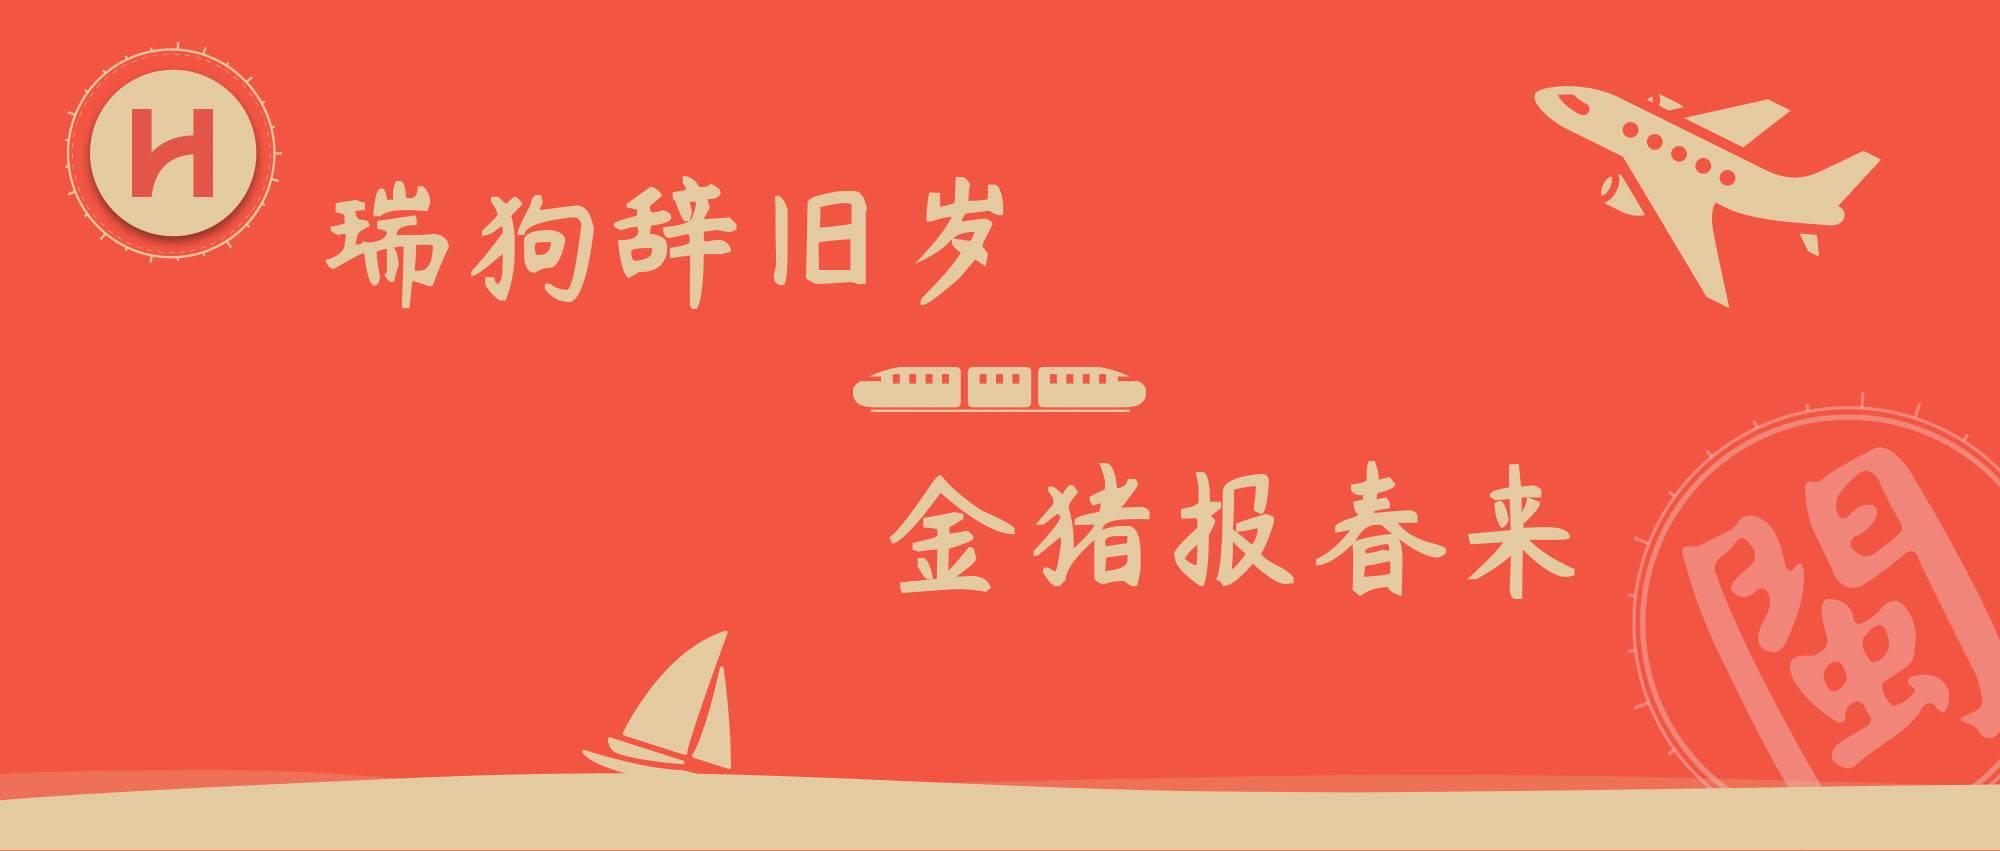 2019海峡新年.jpg